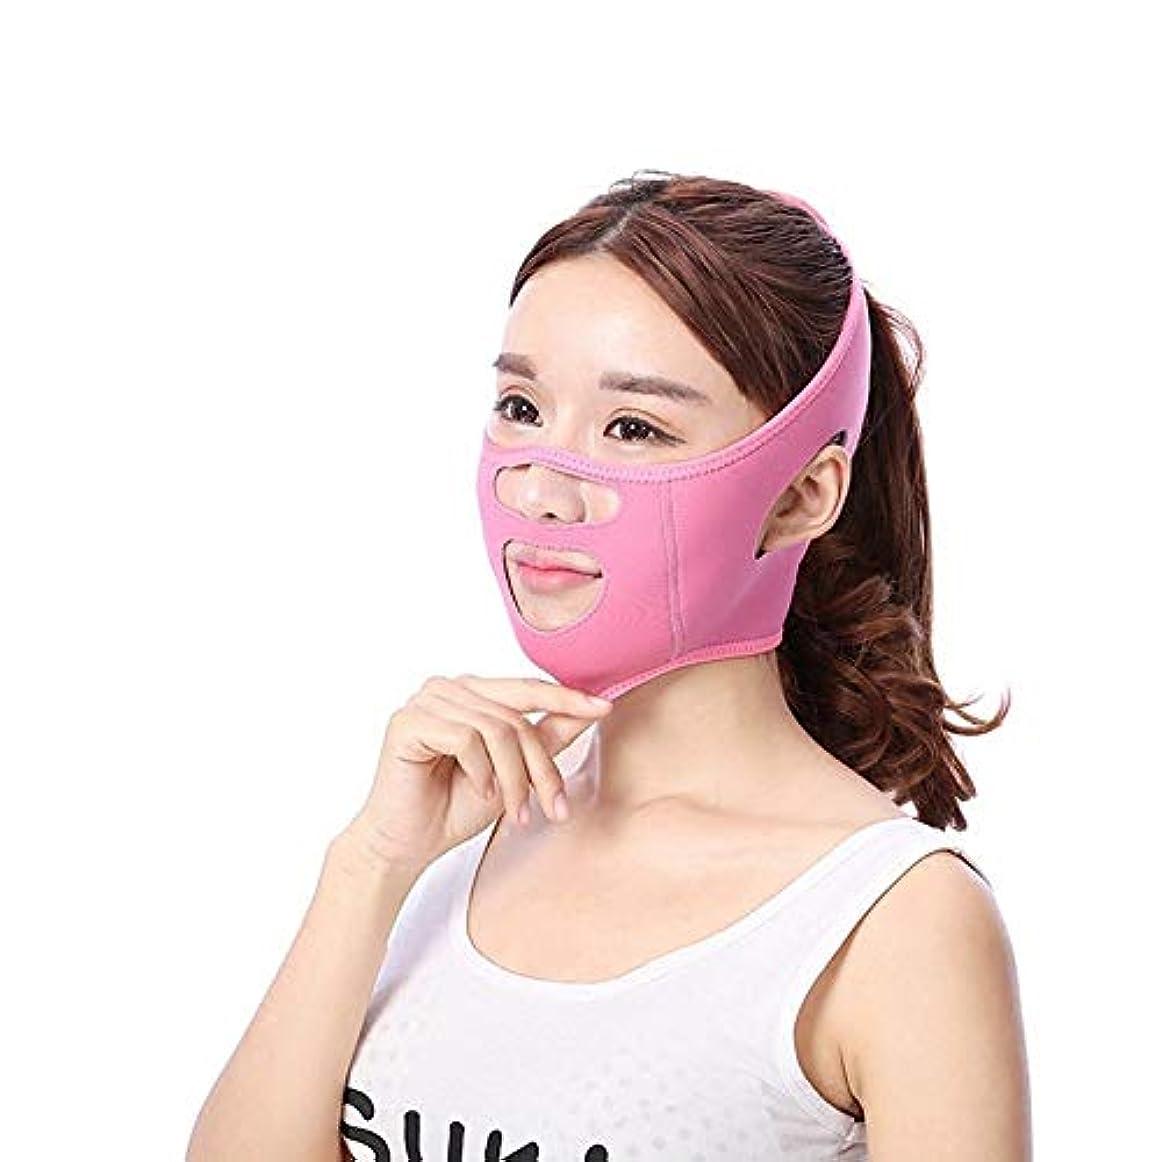 誠実さ故障スチュワードフェイスリフティングベルト、フェイスリフティング包帯フェイシャルマッサージV字型美容機器通気性の低下したダブルチンアンチエイジング (Color : Pink)